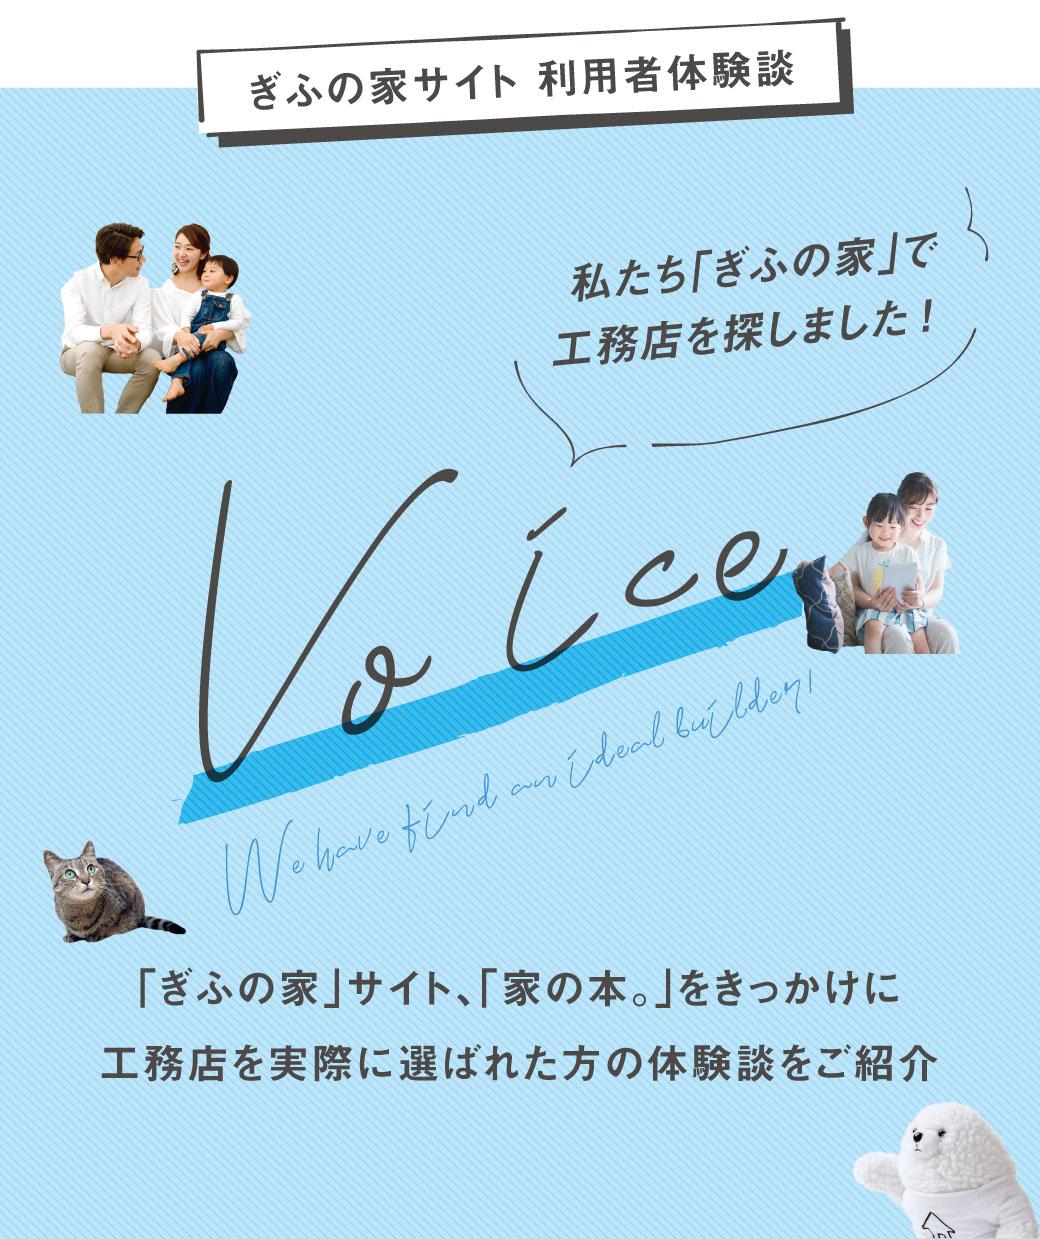 ぎふの家サイト利用者体験談Voice